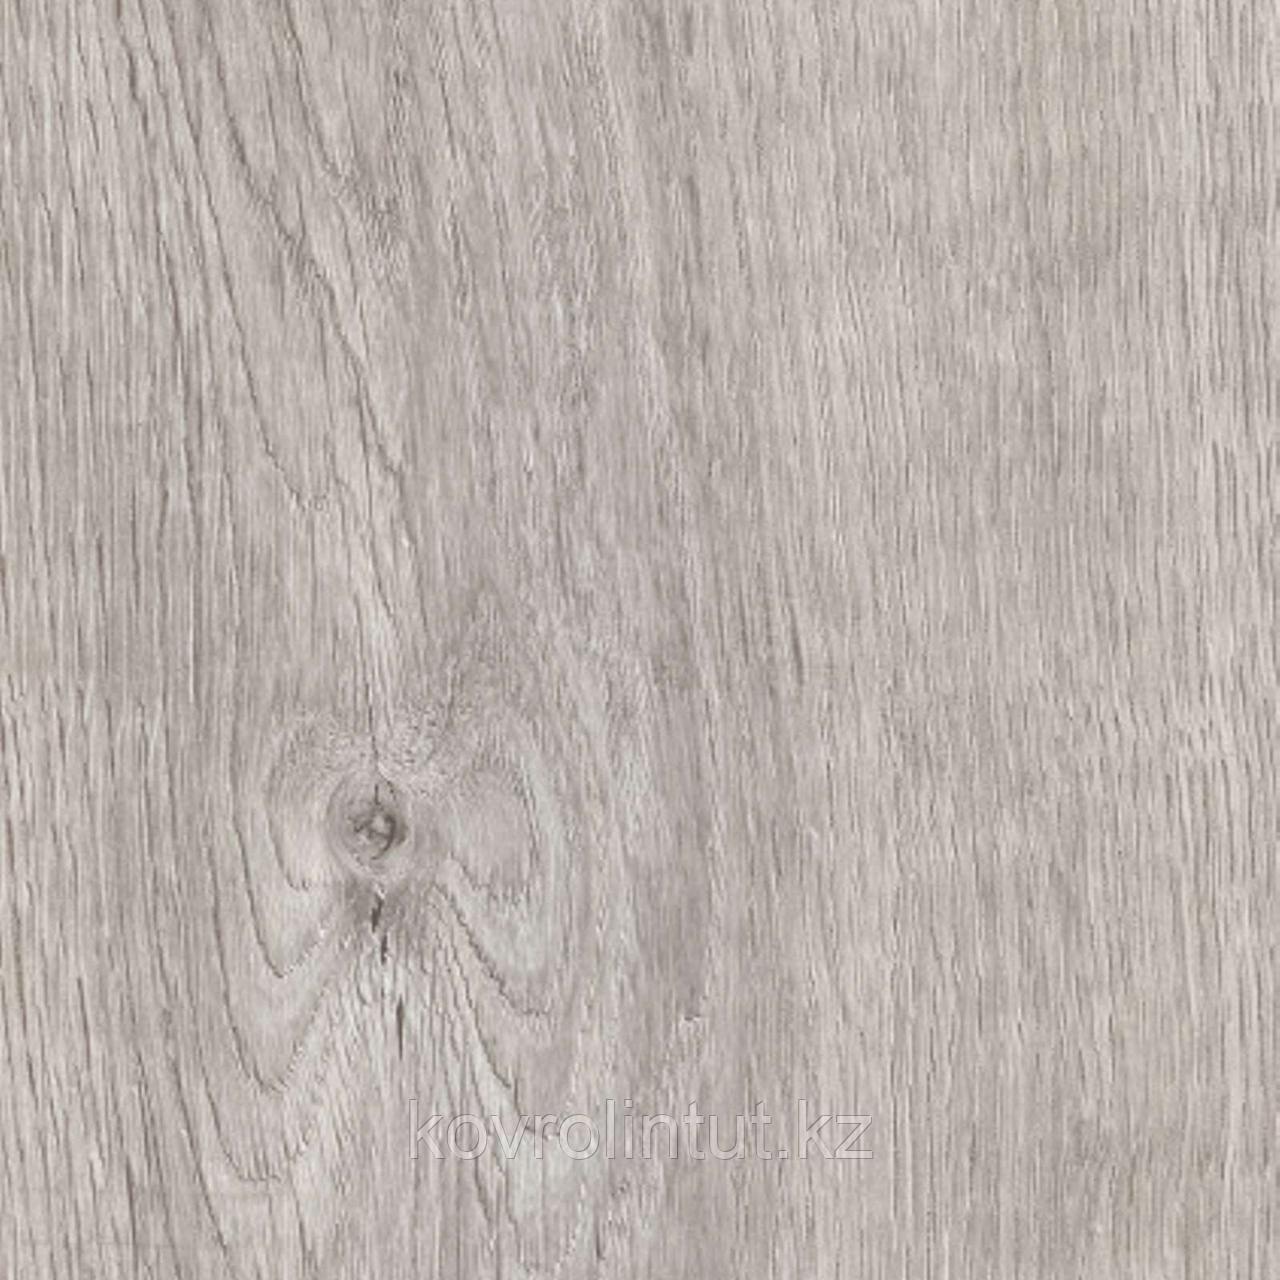 Плитка ПВХ клеевая IVC Primero Sebastian Oak 22912N